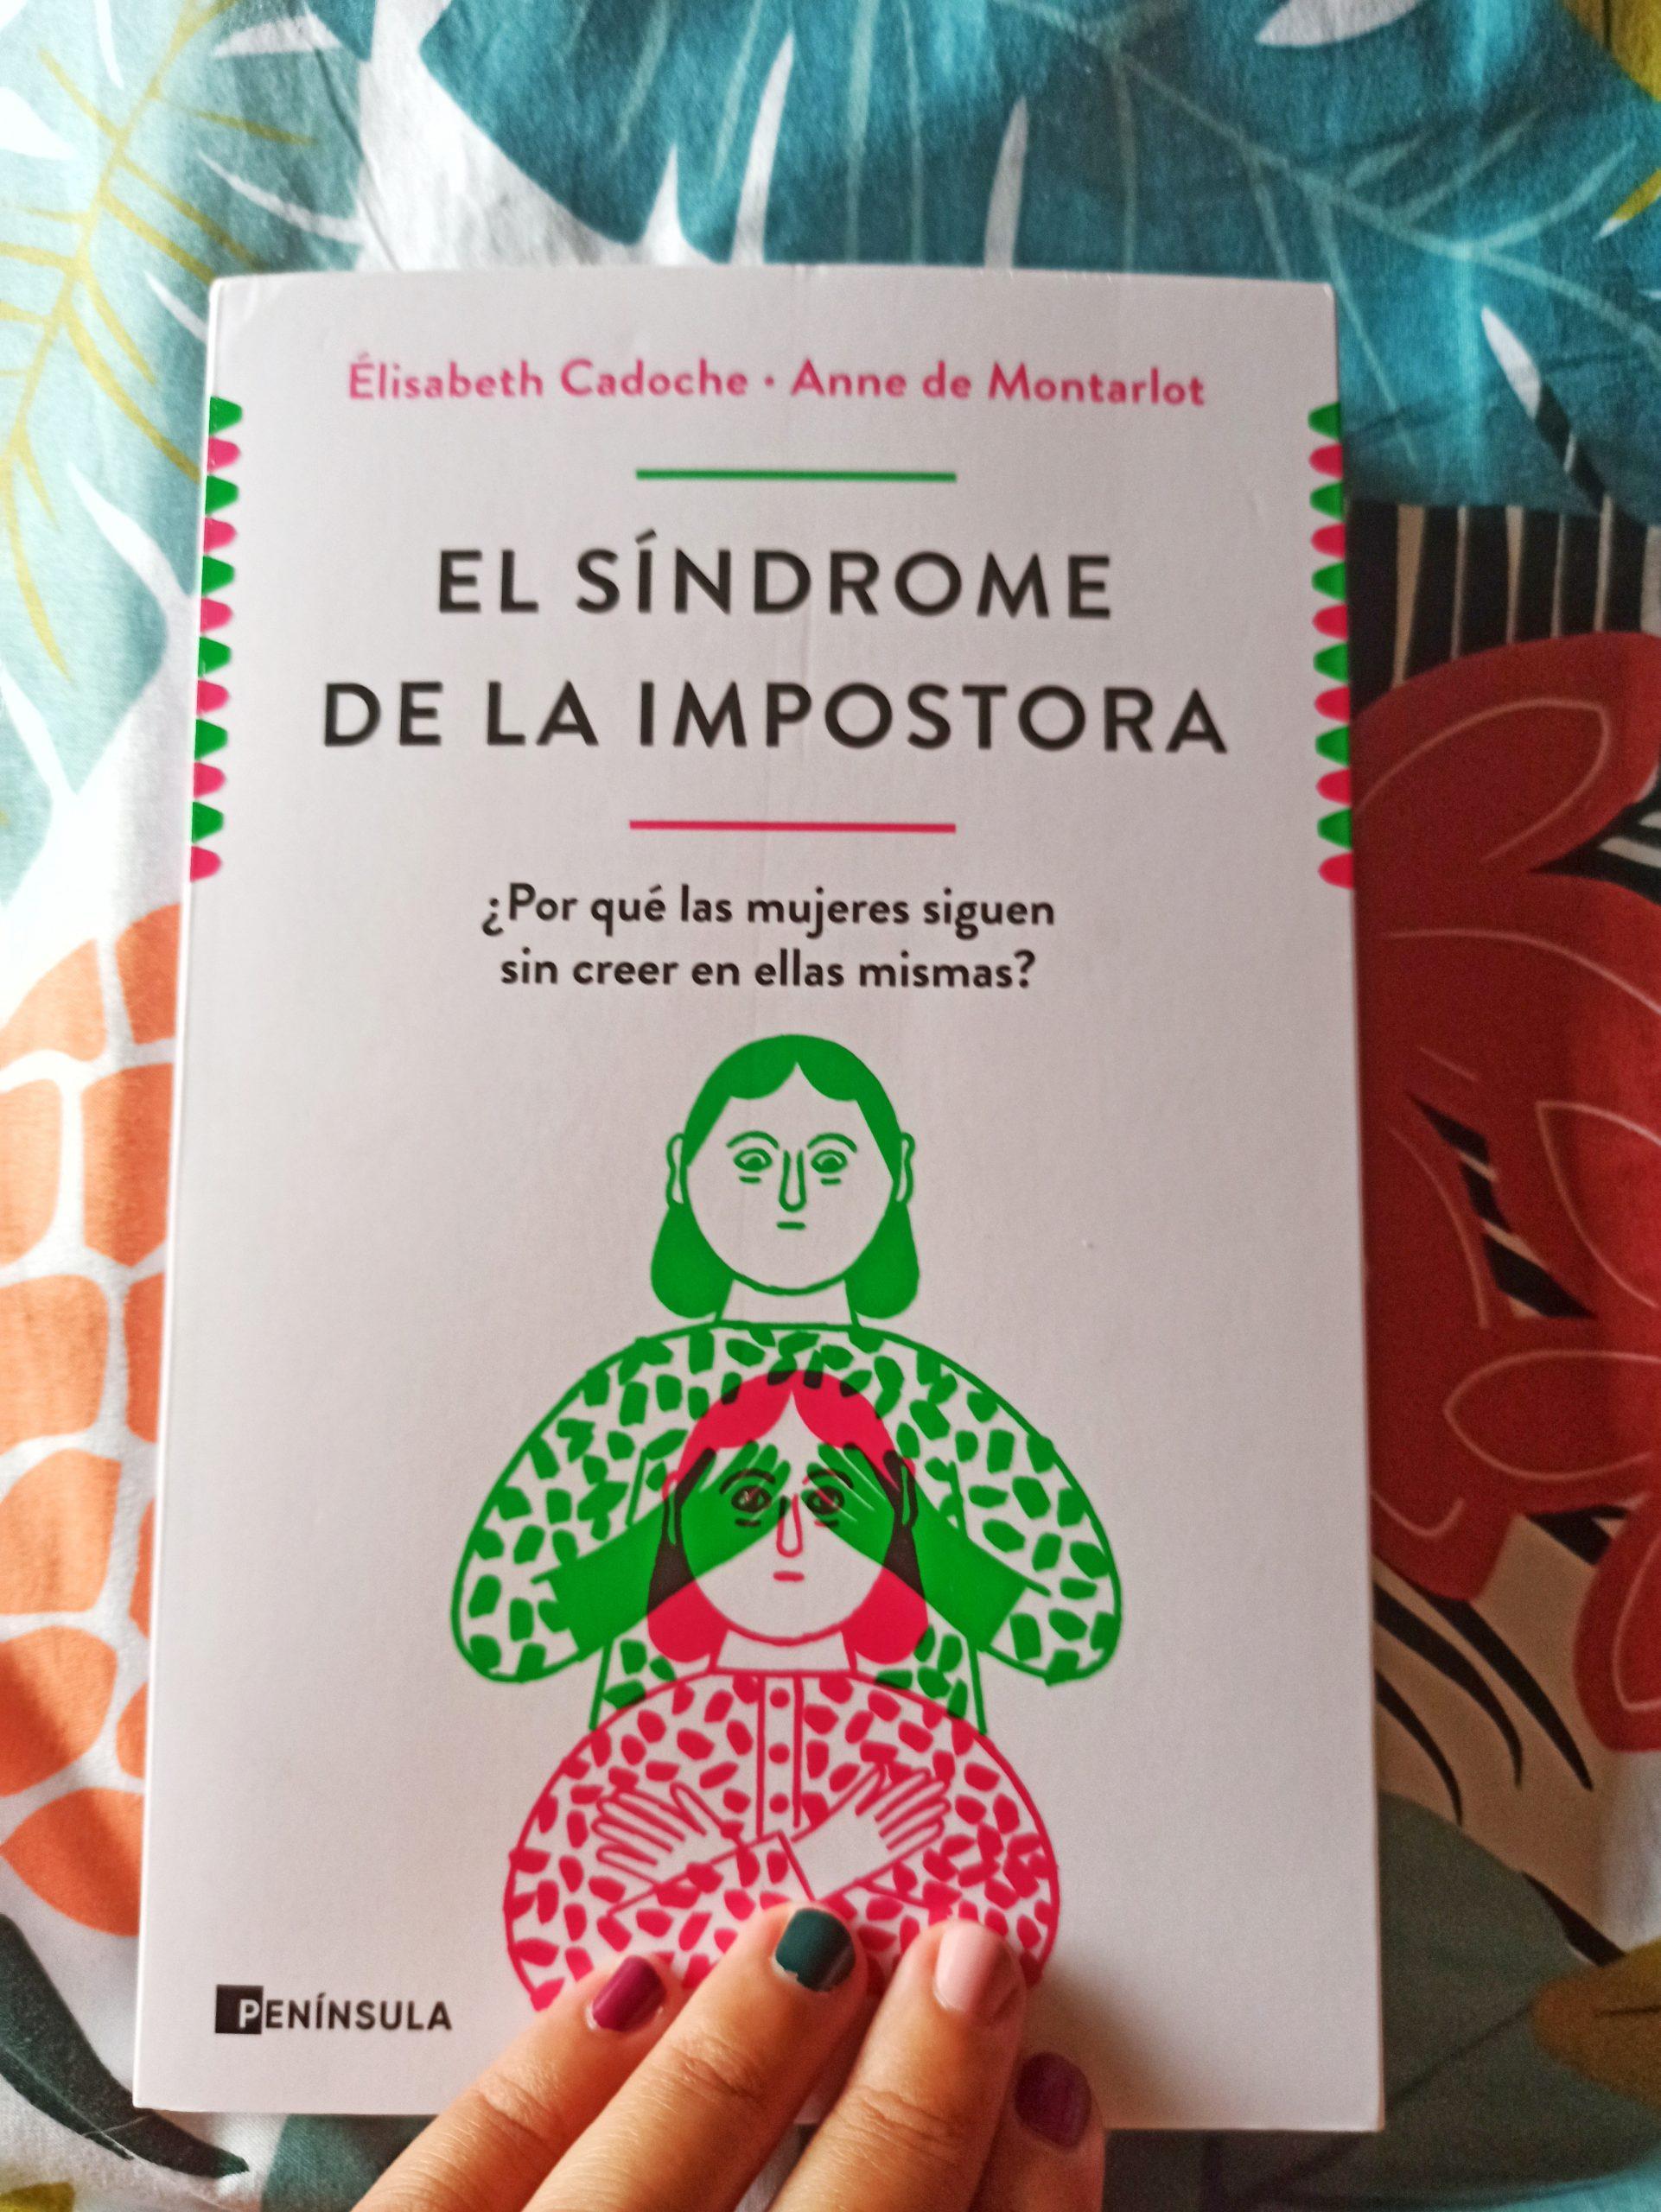 EL SÍNDROME DE LA IMPOSTORA, de Elisabeth Cadoche y Anne de Montarlot